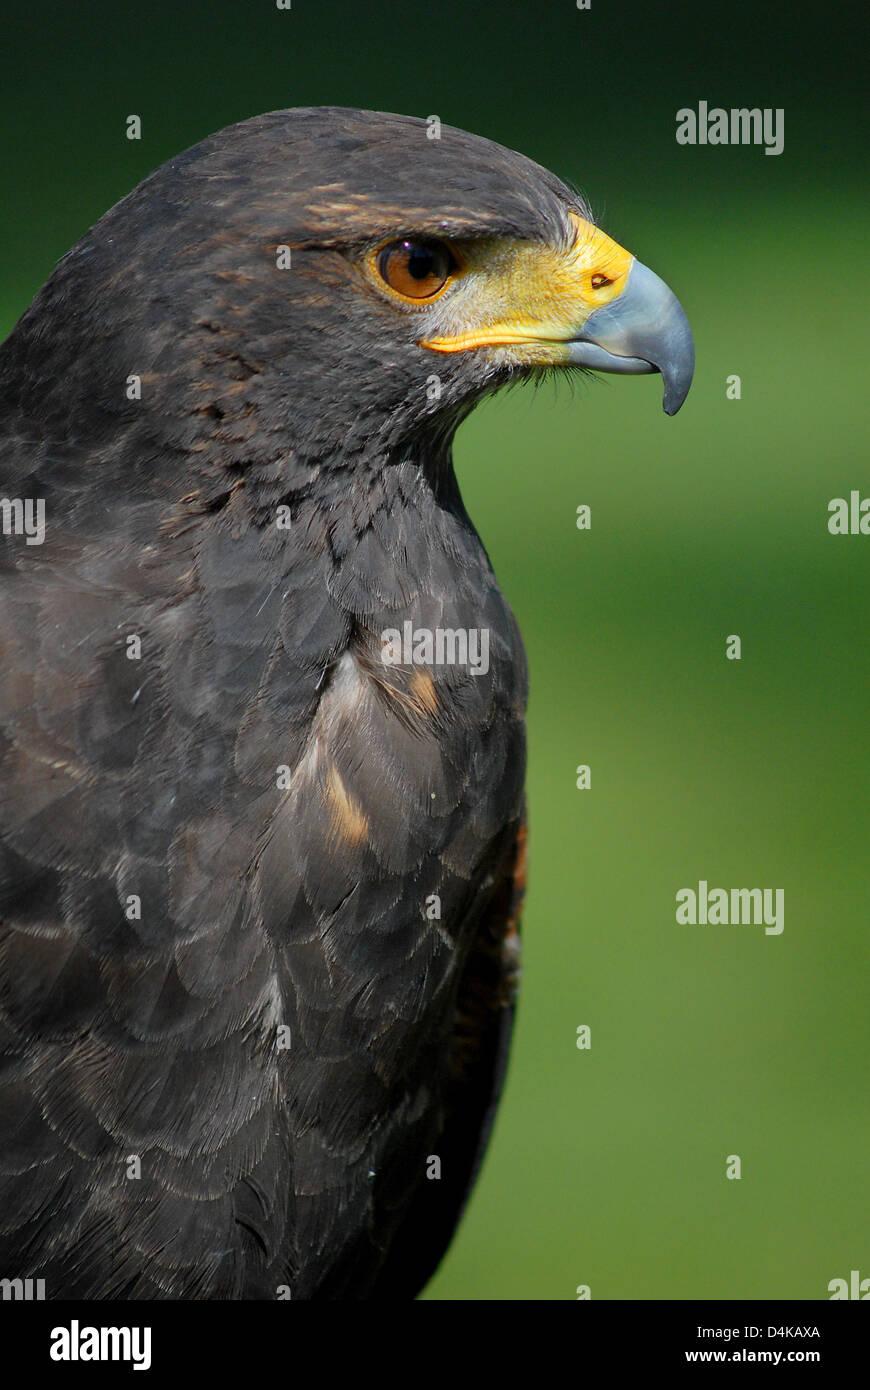 alte eagle version